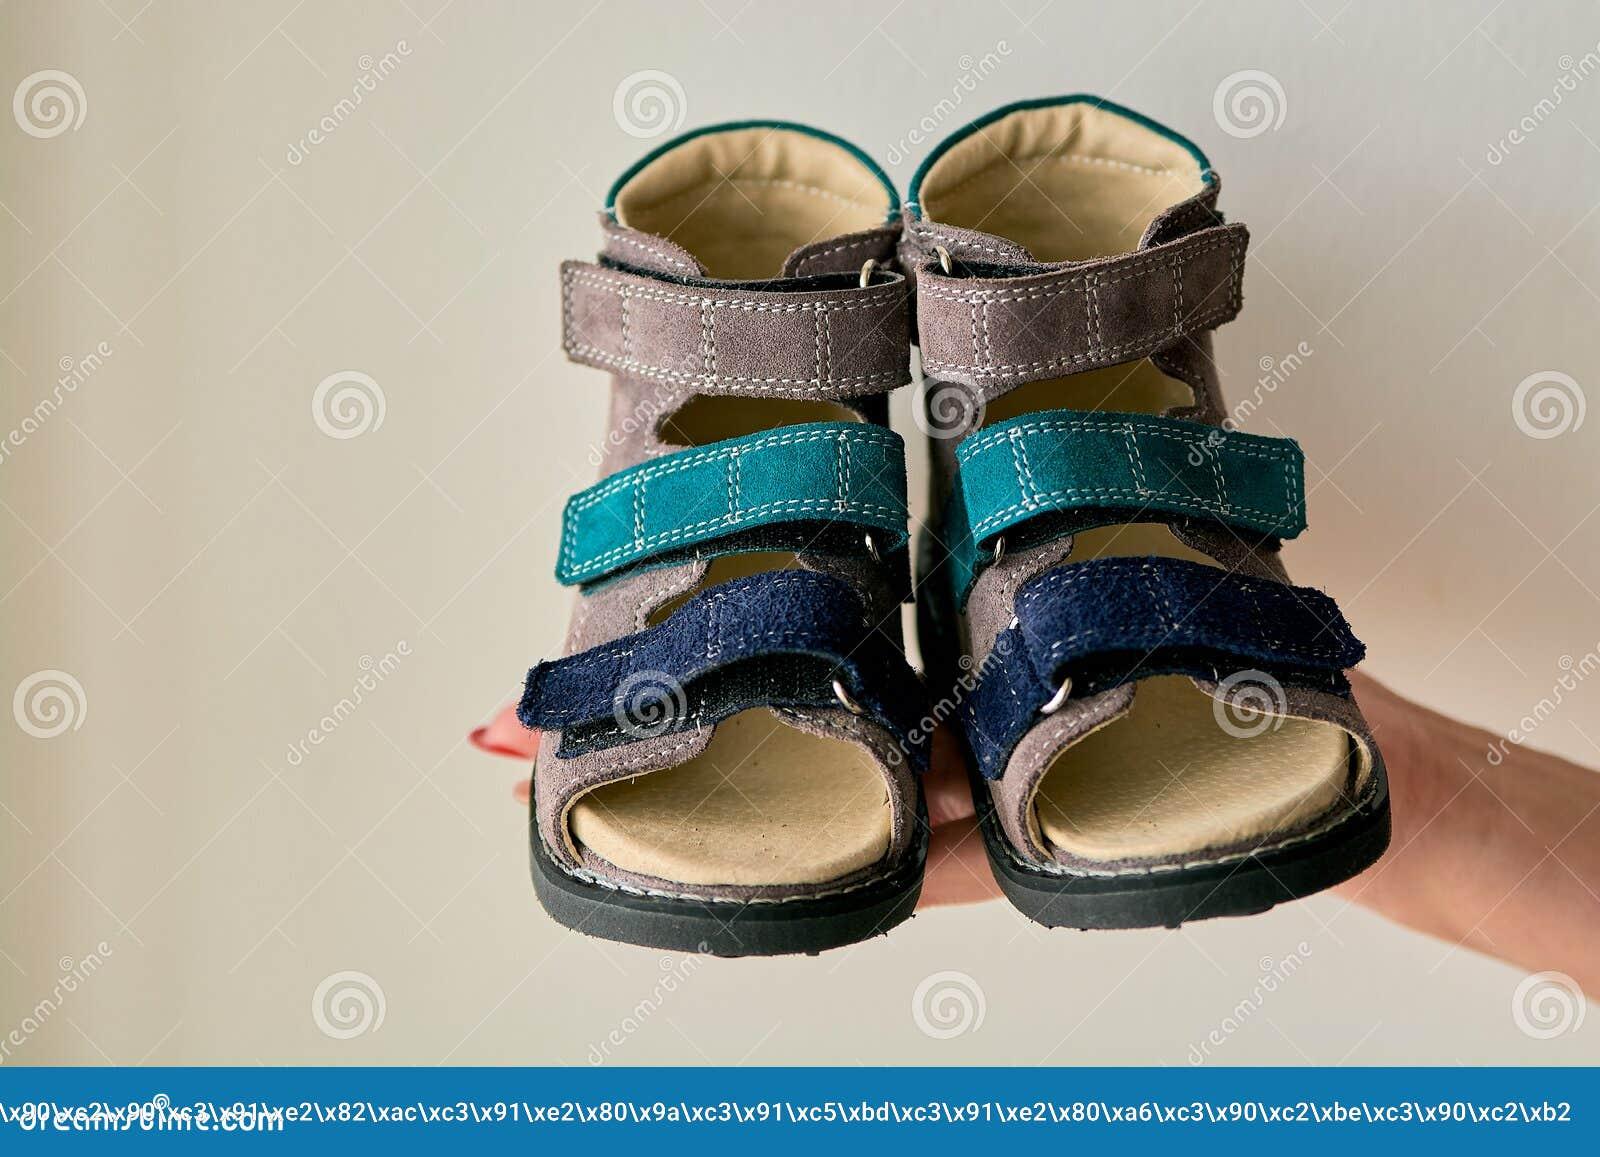 A fêmea está mantendo o close-up sandálias da sapata ortopédica de umas crianças especiais feito do couro genuíno